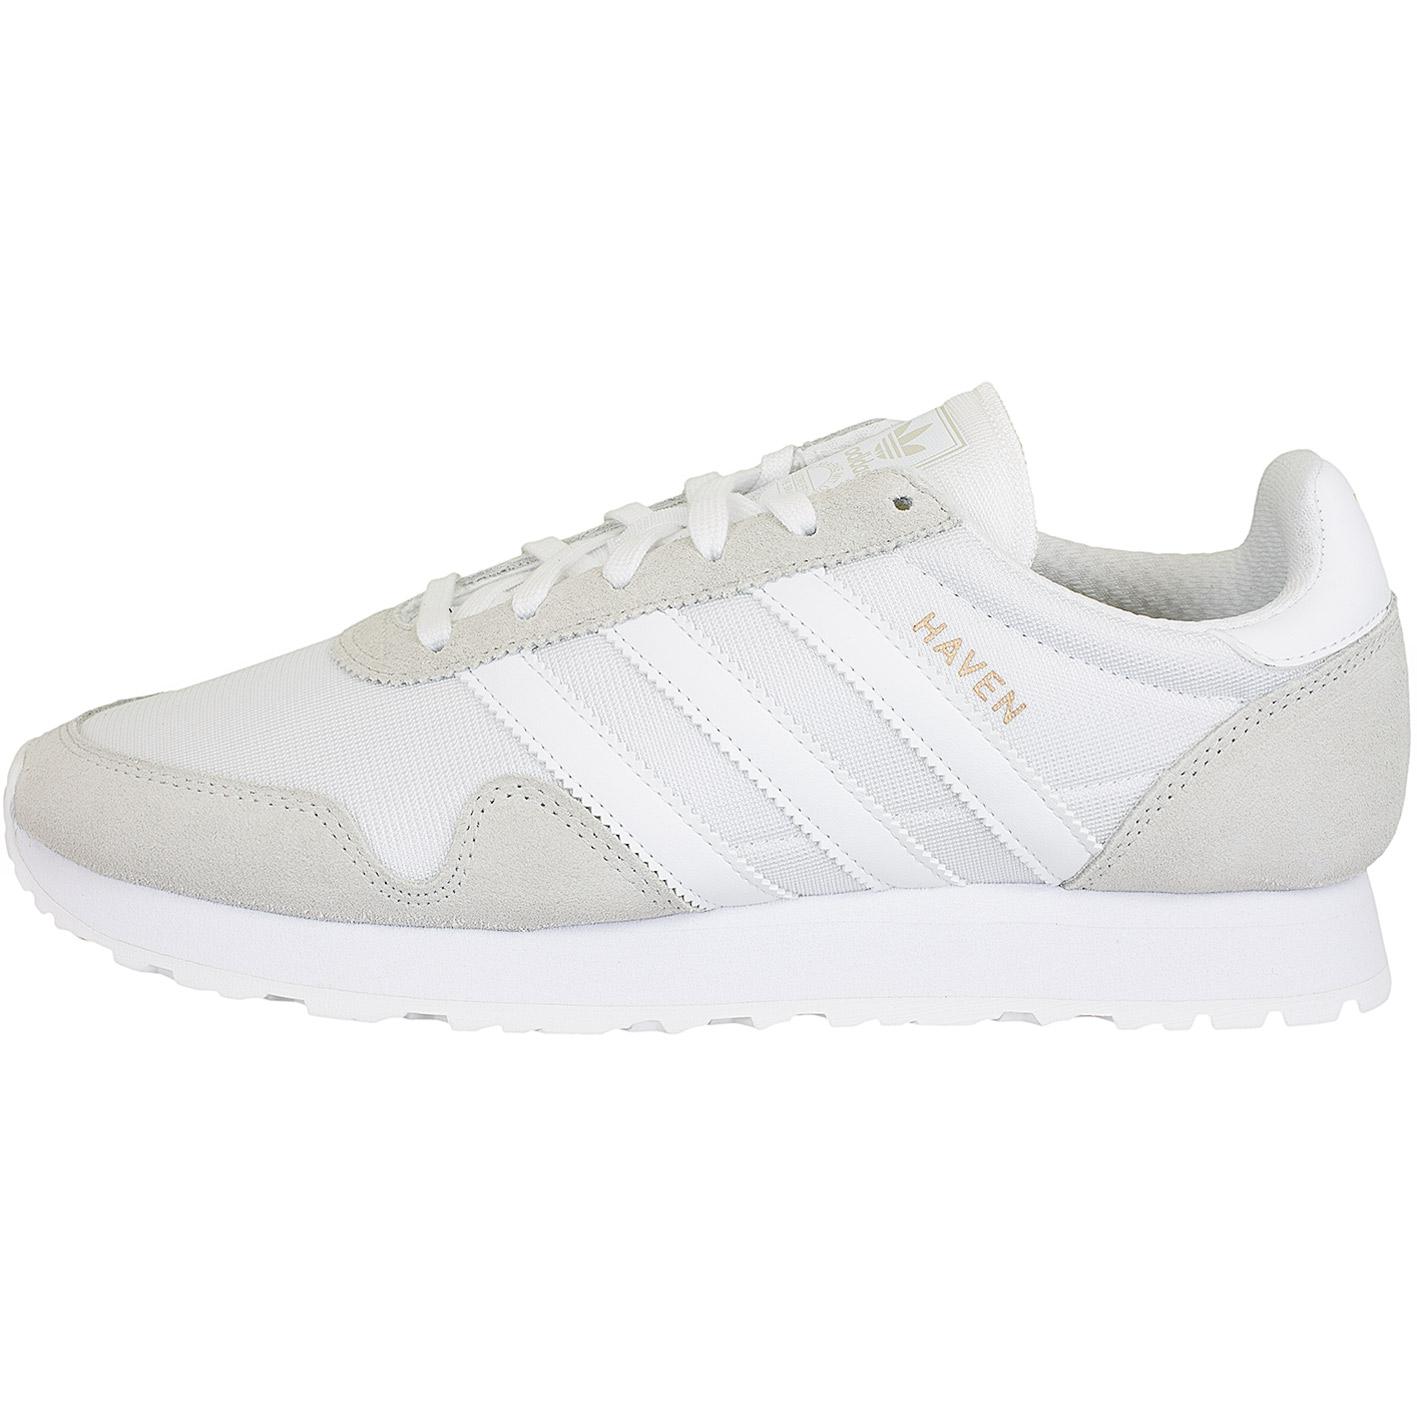 low priced 45724 38ae5 Adidas Originals Sneaker Haven hellbraun weiß